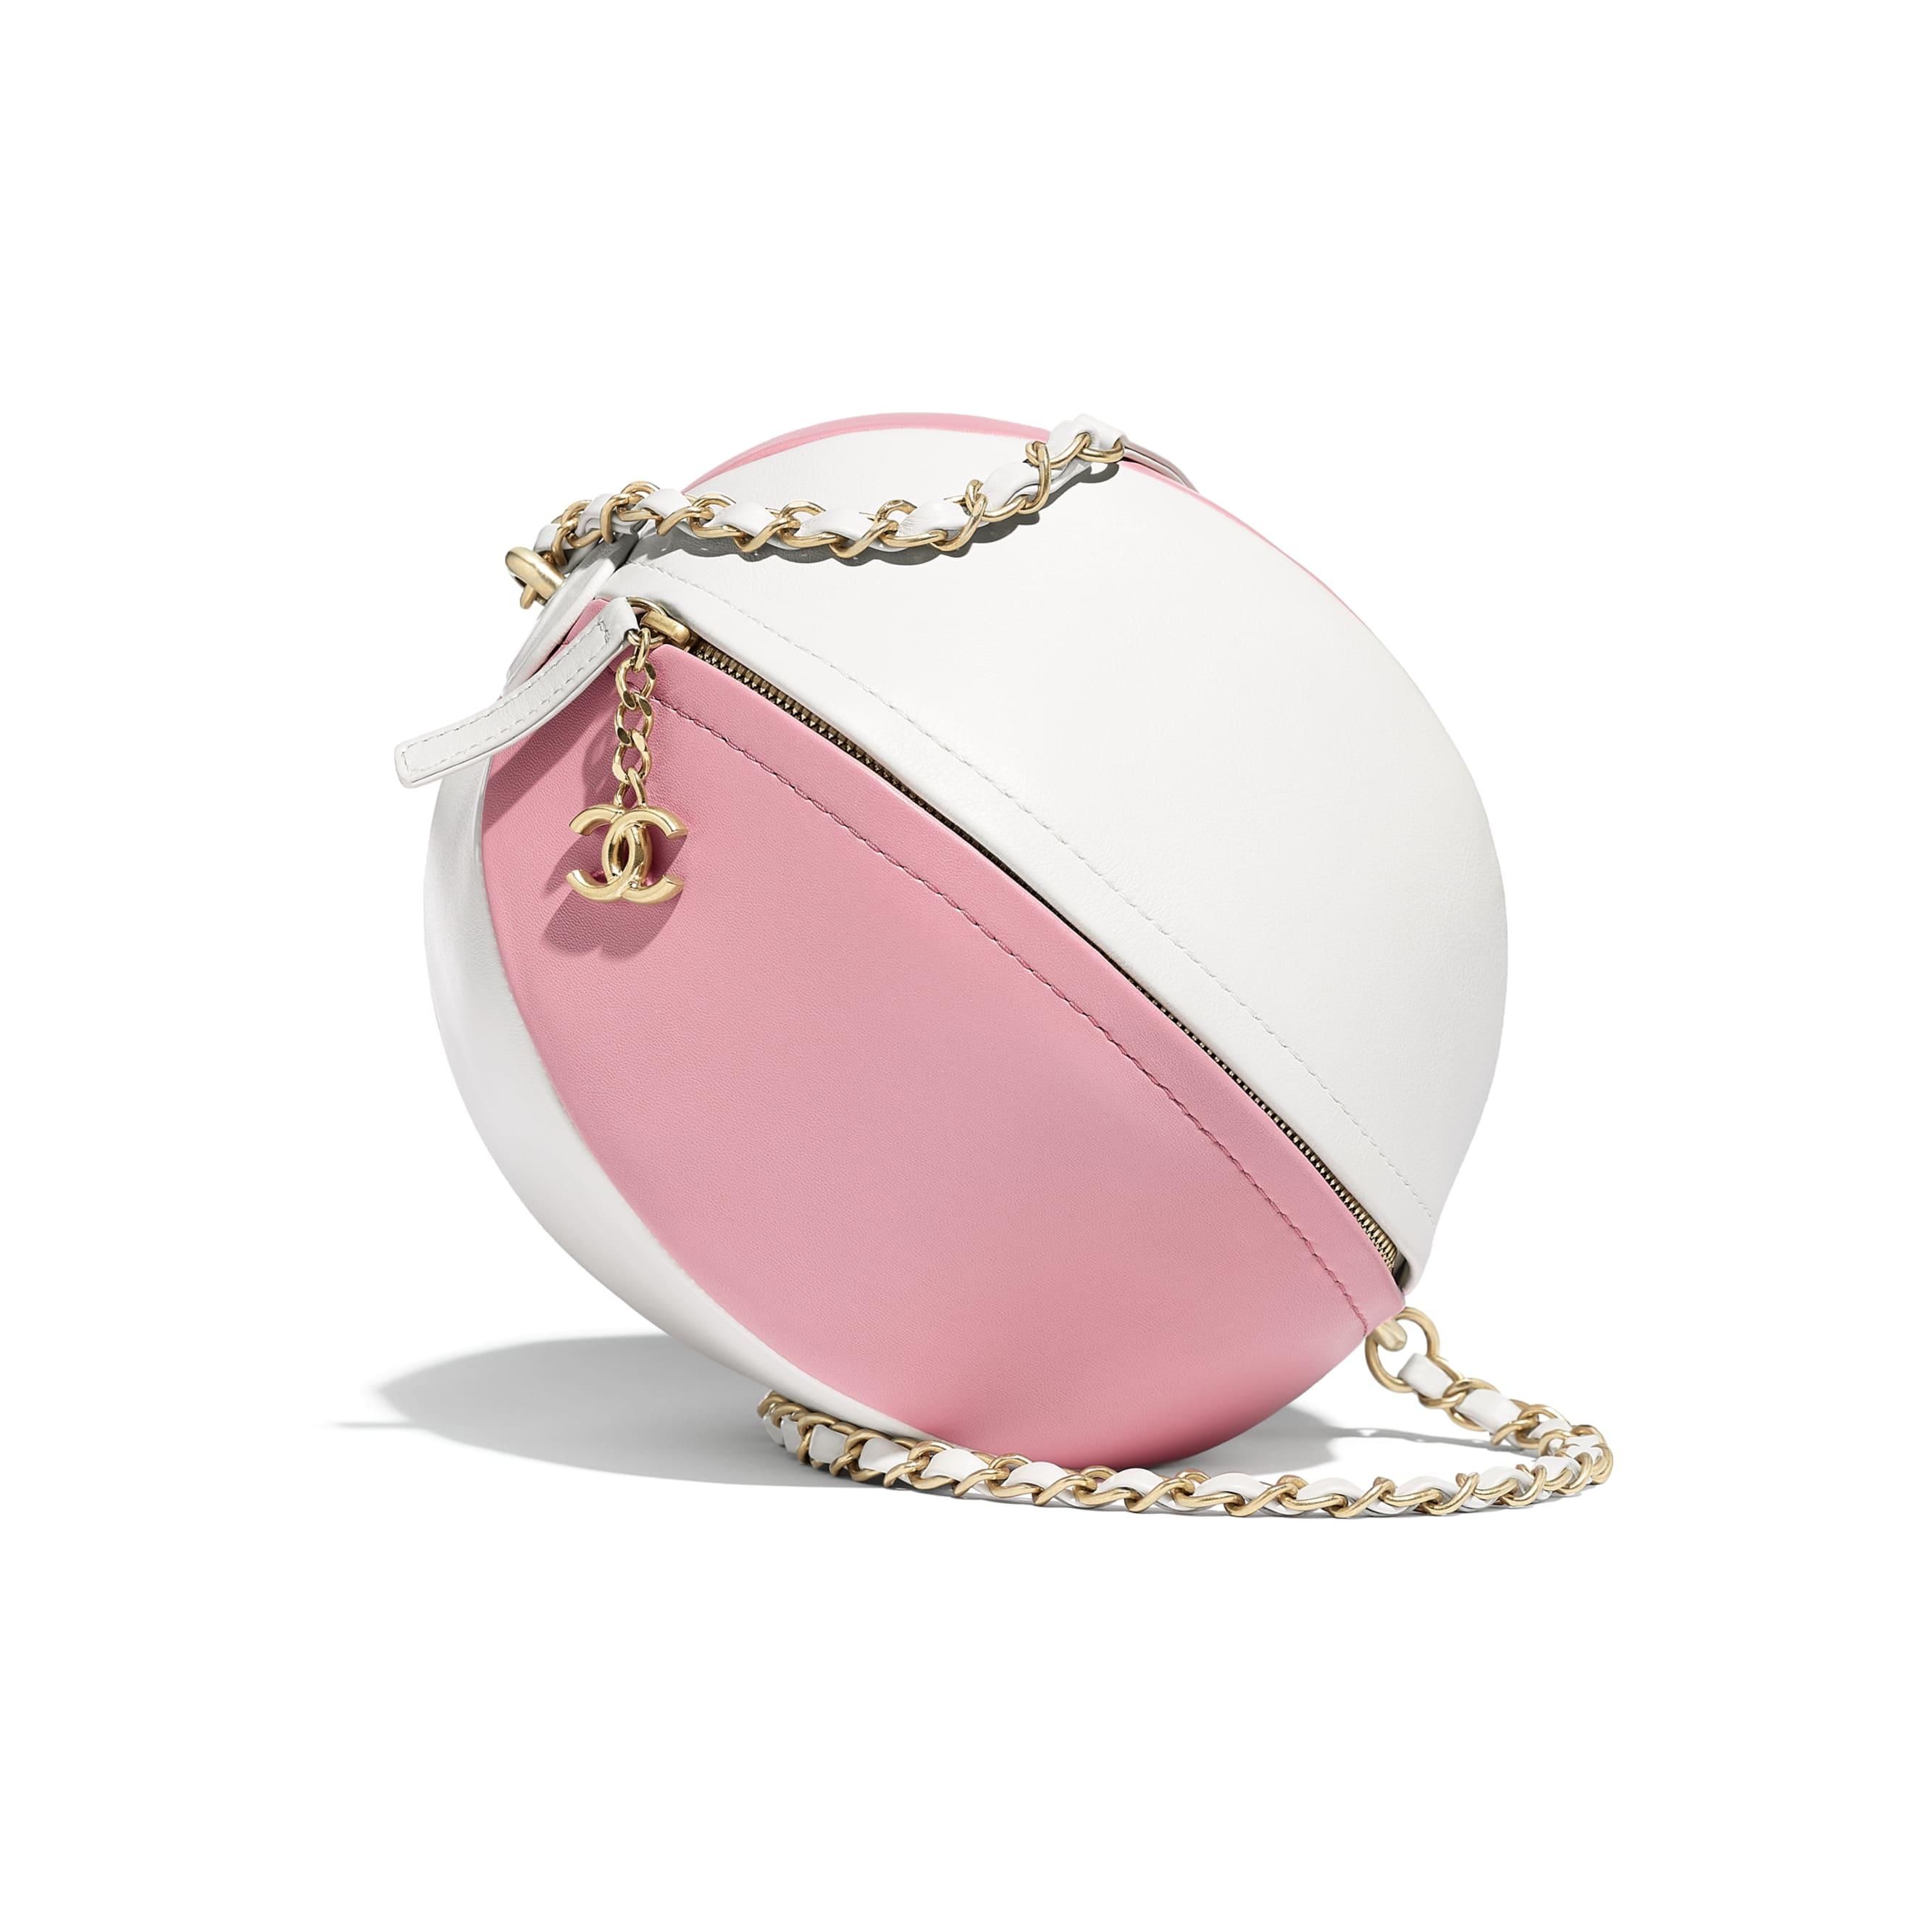 beach-ball-handbag-white-pink-calfskin-g